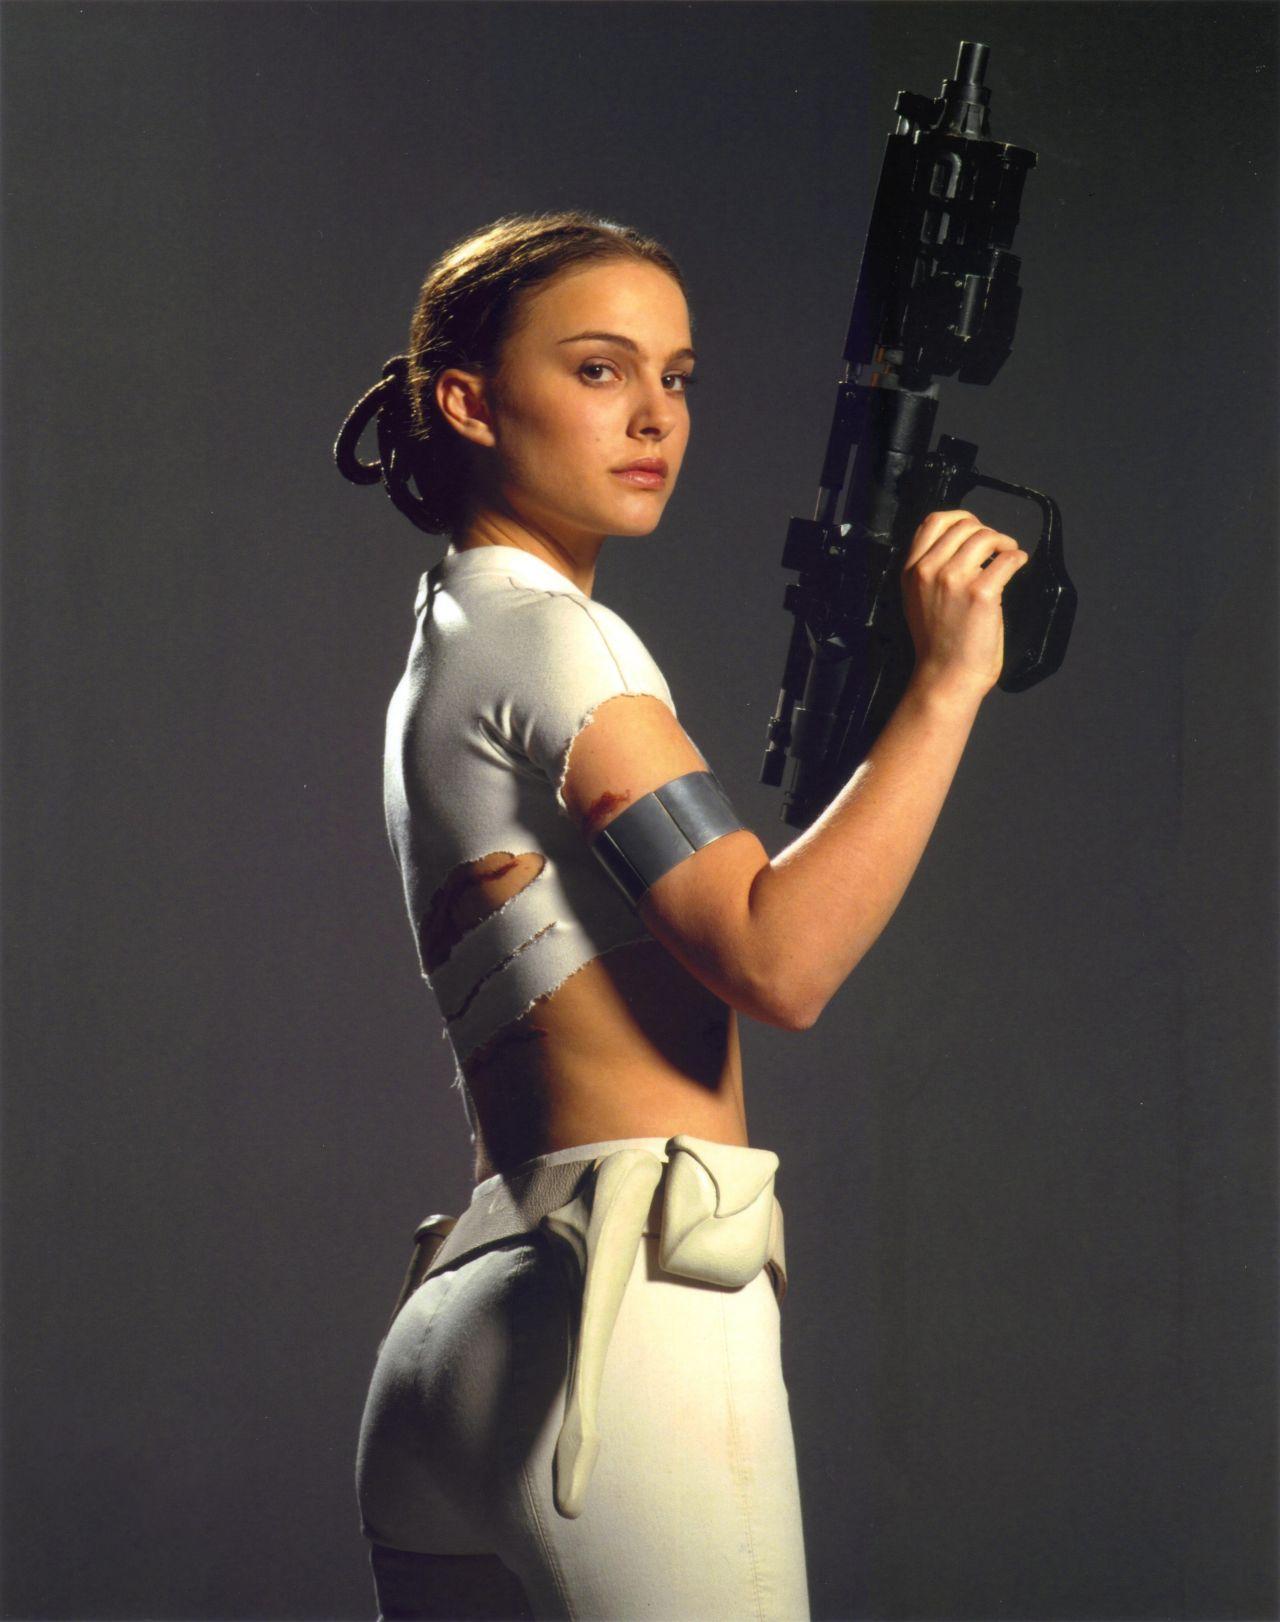 Натали Портман Звездные Войны 1